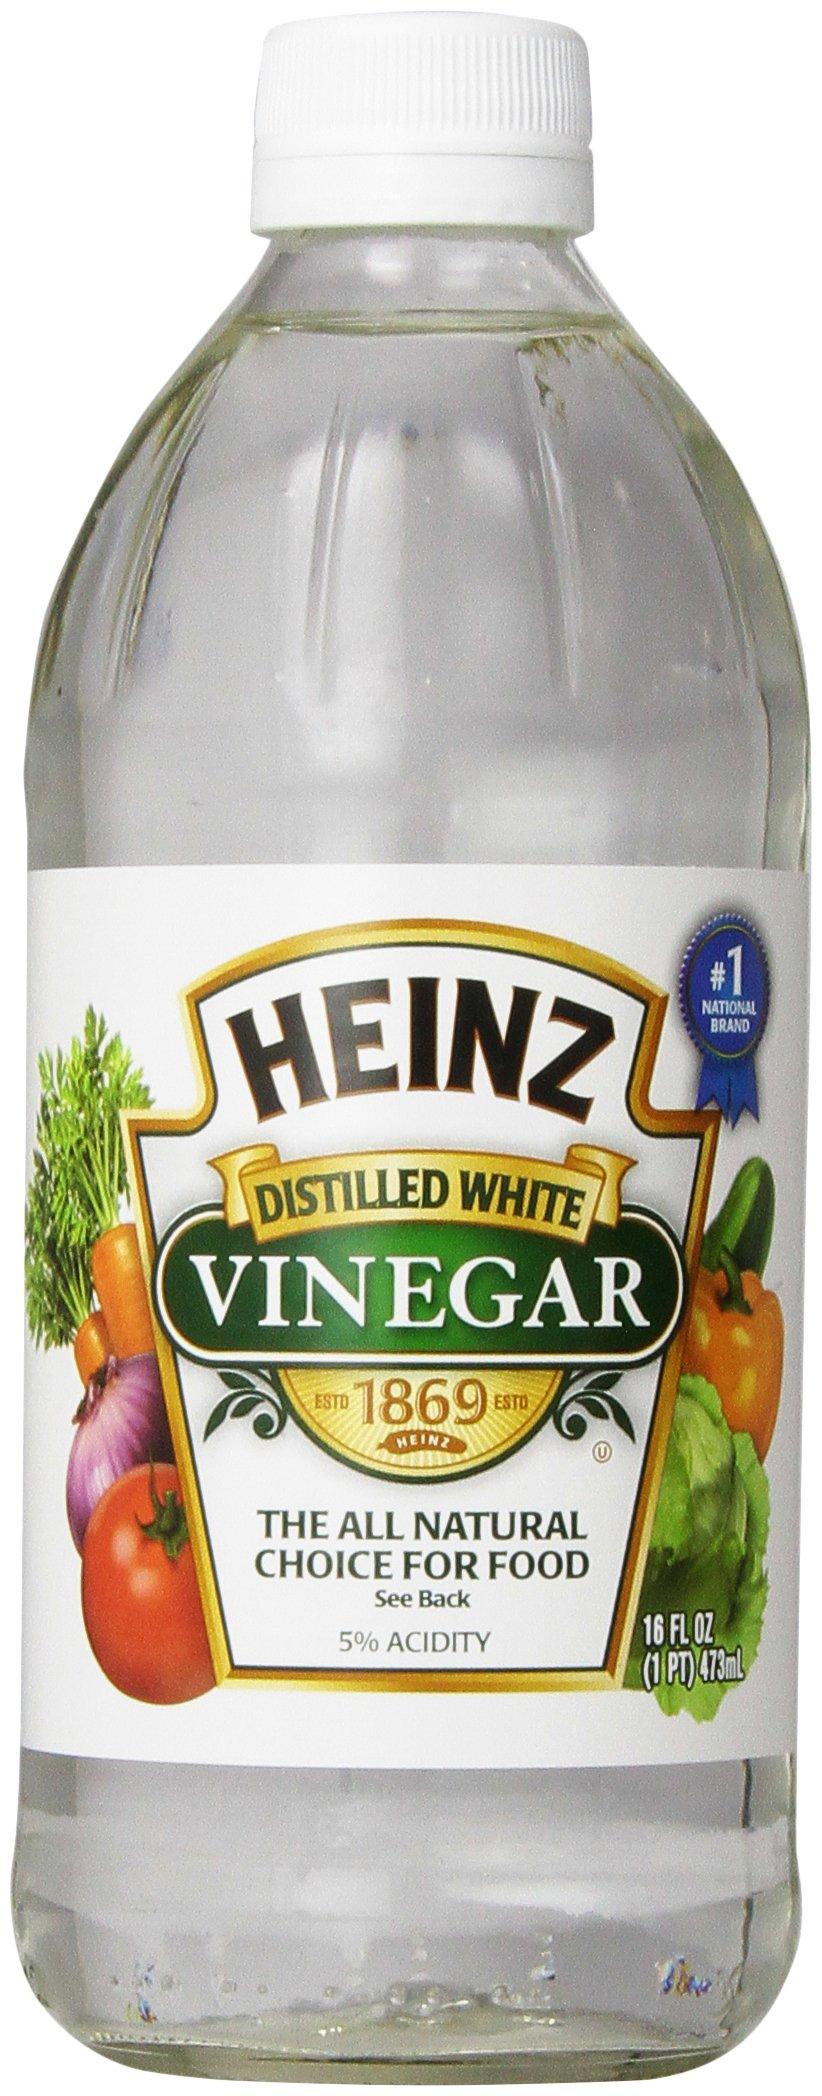 Heinz Distilled White Vinegar, 16 fl oz 1 Premium distilled white vinegar for all your recipe needs Sourced from sun-ripened corn All-Natural Ingredients